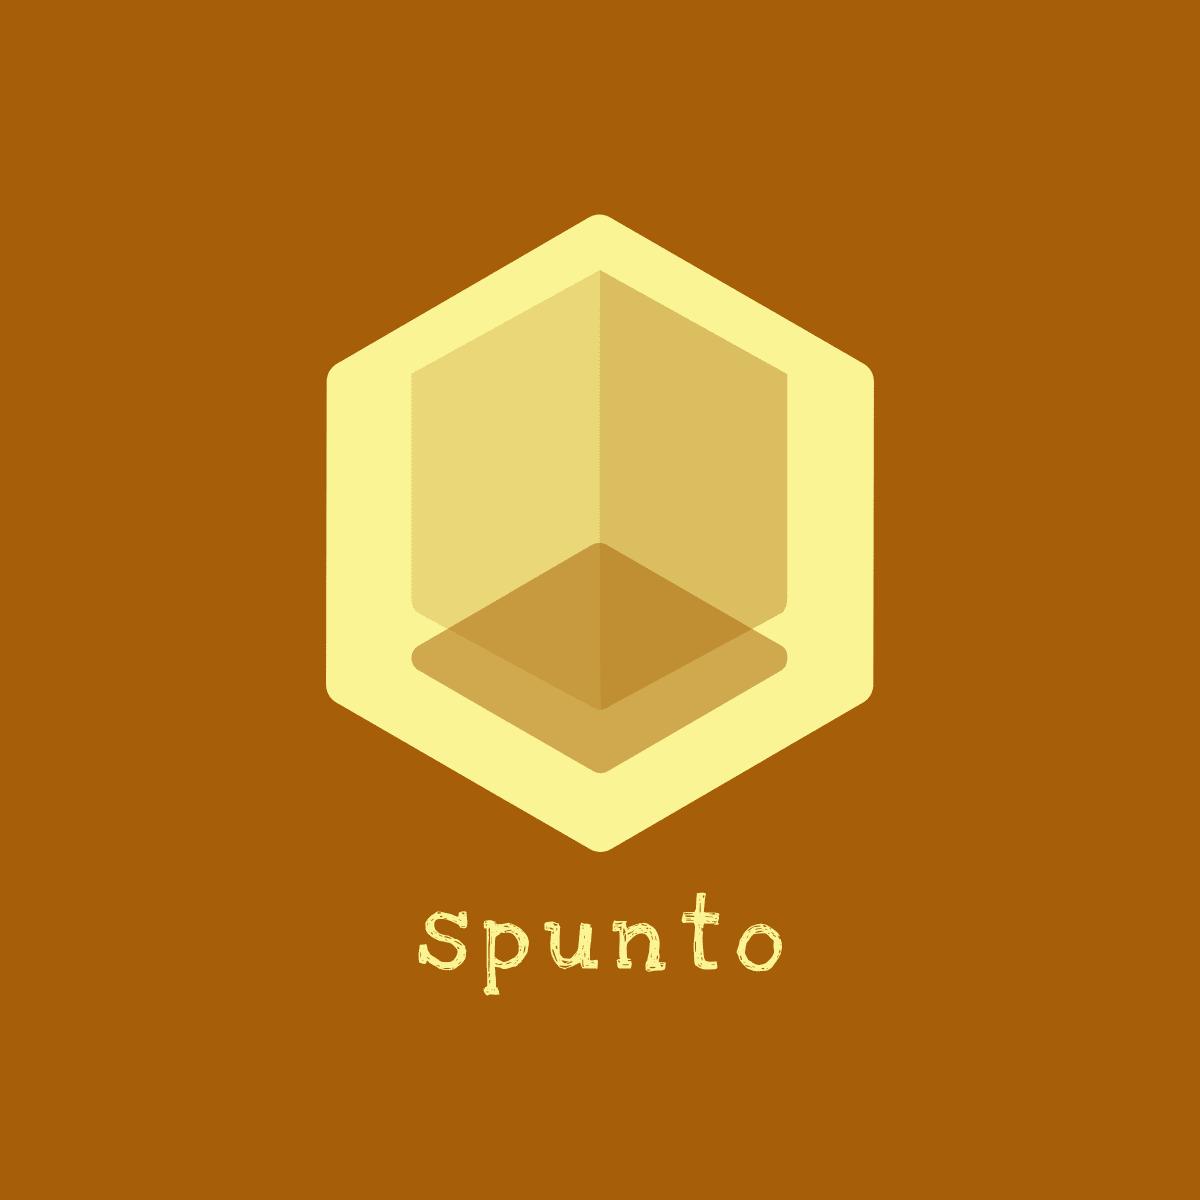 『株式会社spunto』パートナーシップ契約のお知らせ